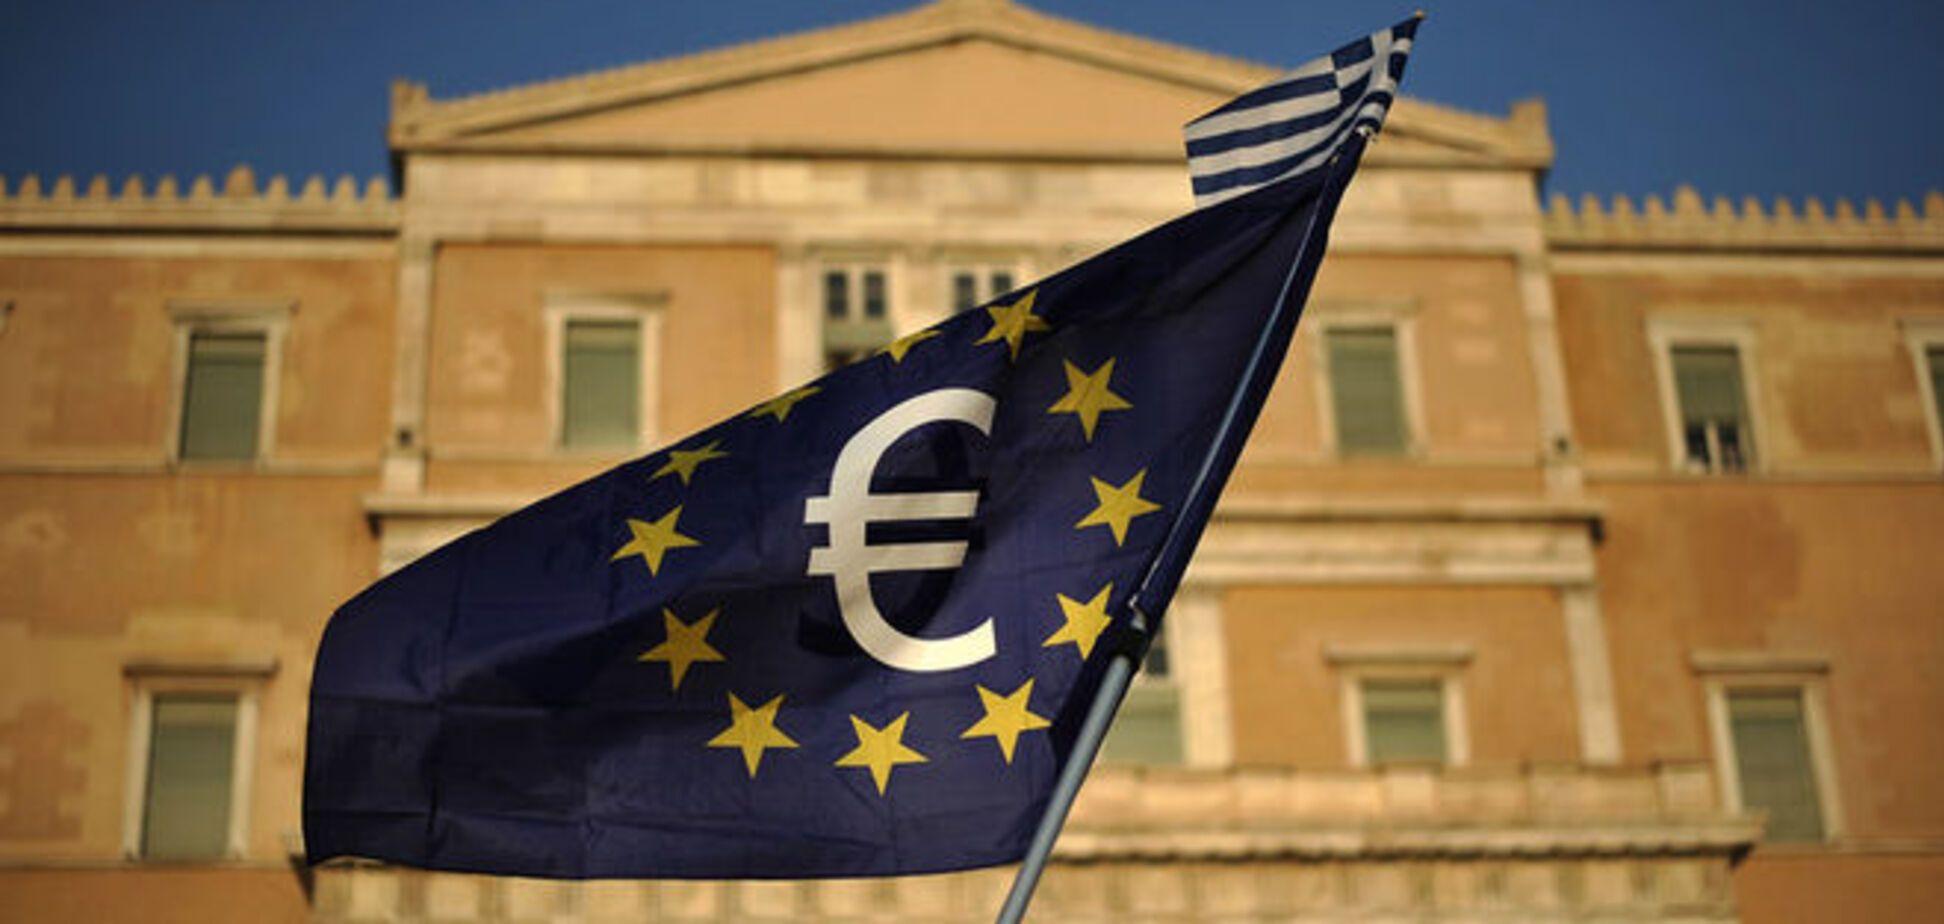 Продать нельзя оставить: спасет ли приватизация Грецию